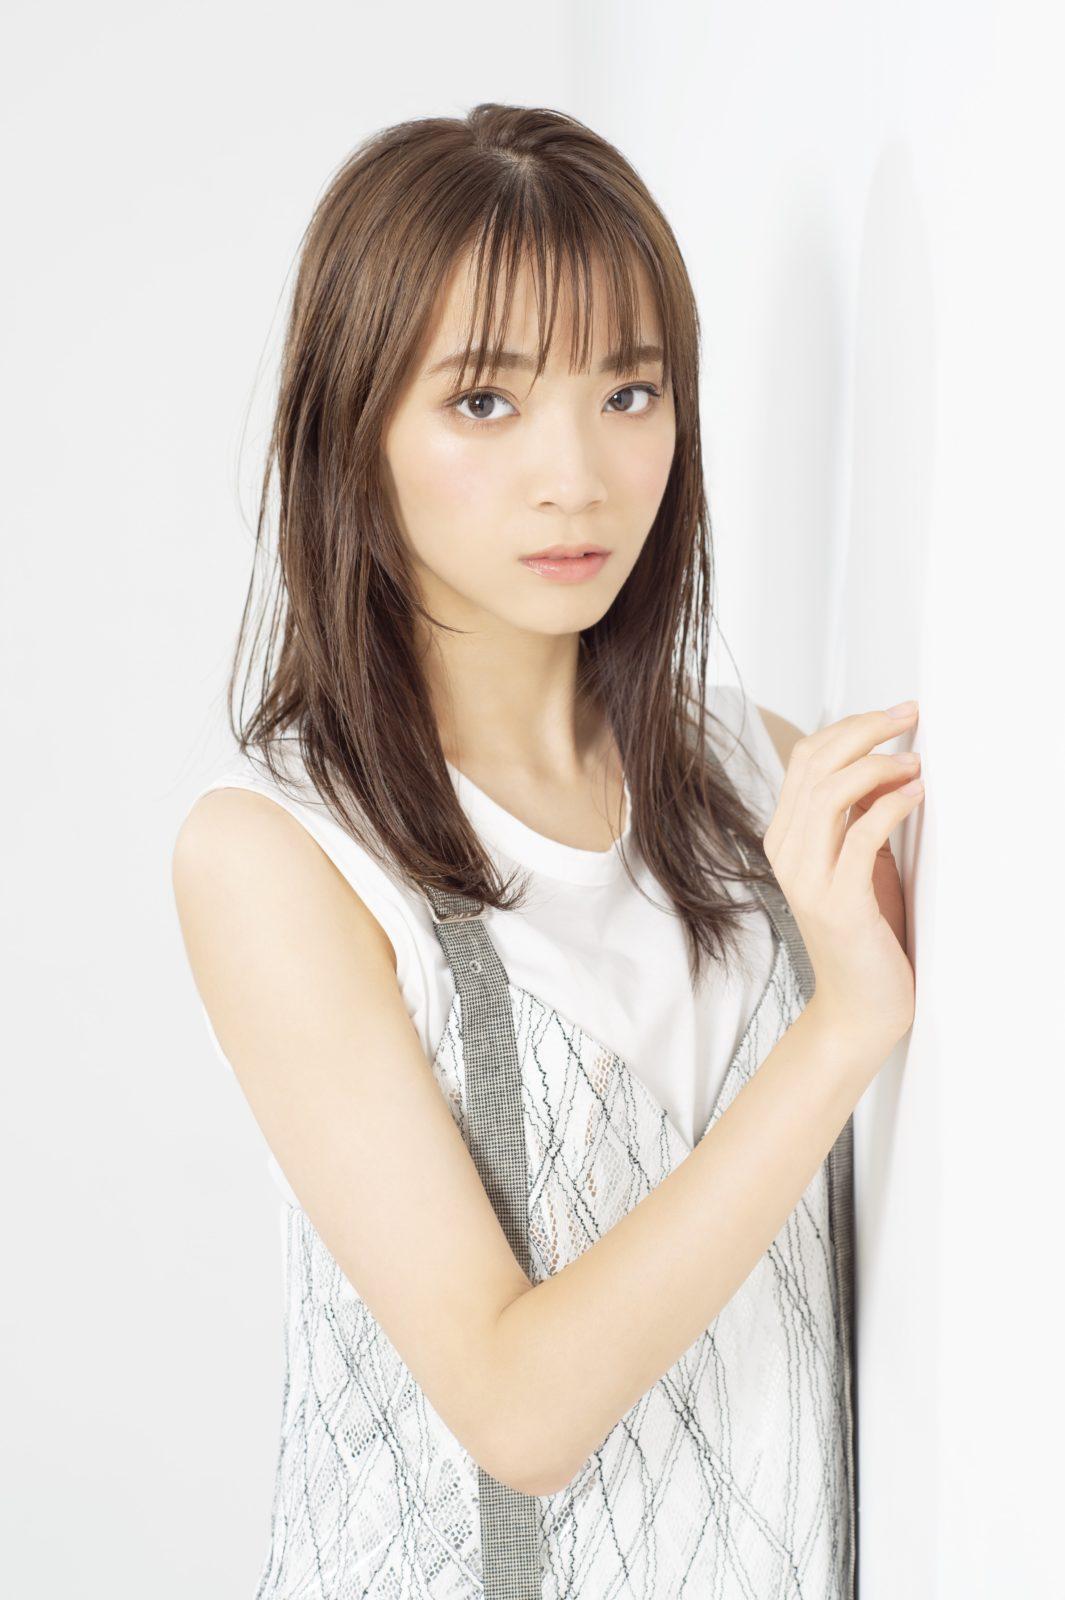 元AKB48後藤萌咲が1stシングル「サファイアブルー」をリリースサムネイル画像!